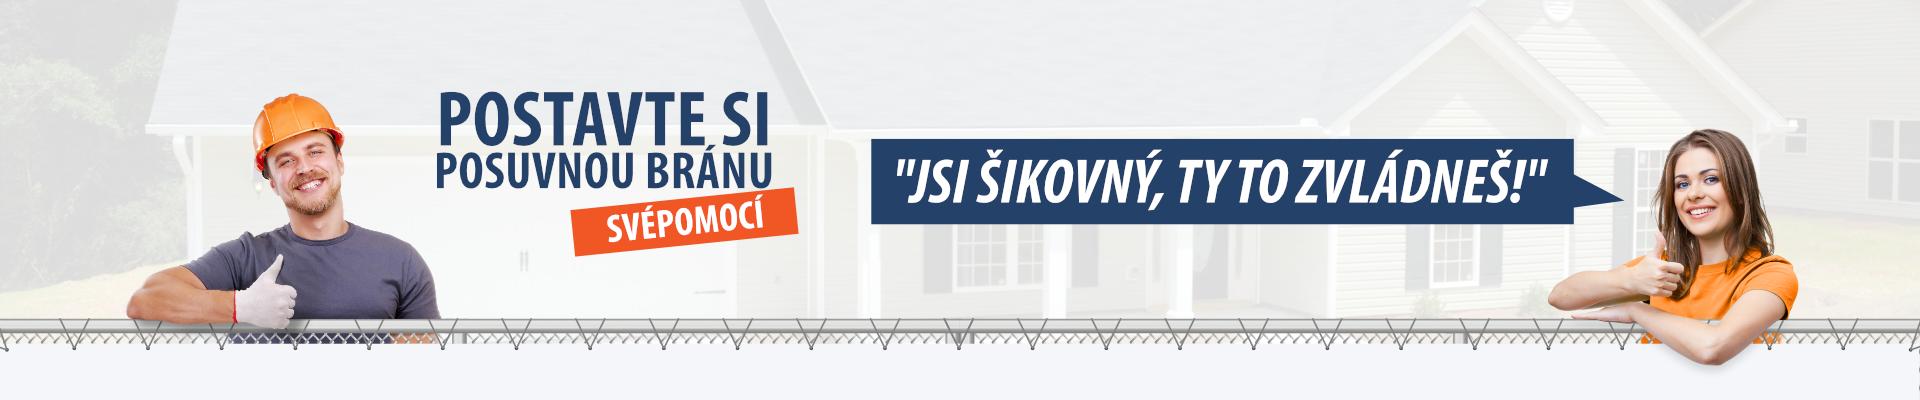 Banner - Posuvná brána SVÉPOMOCI